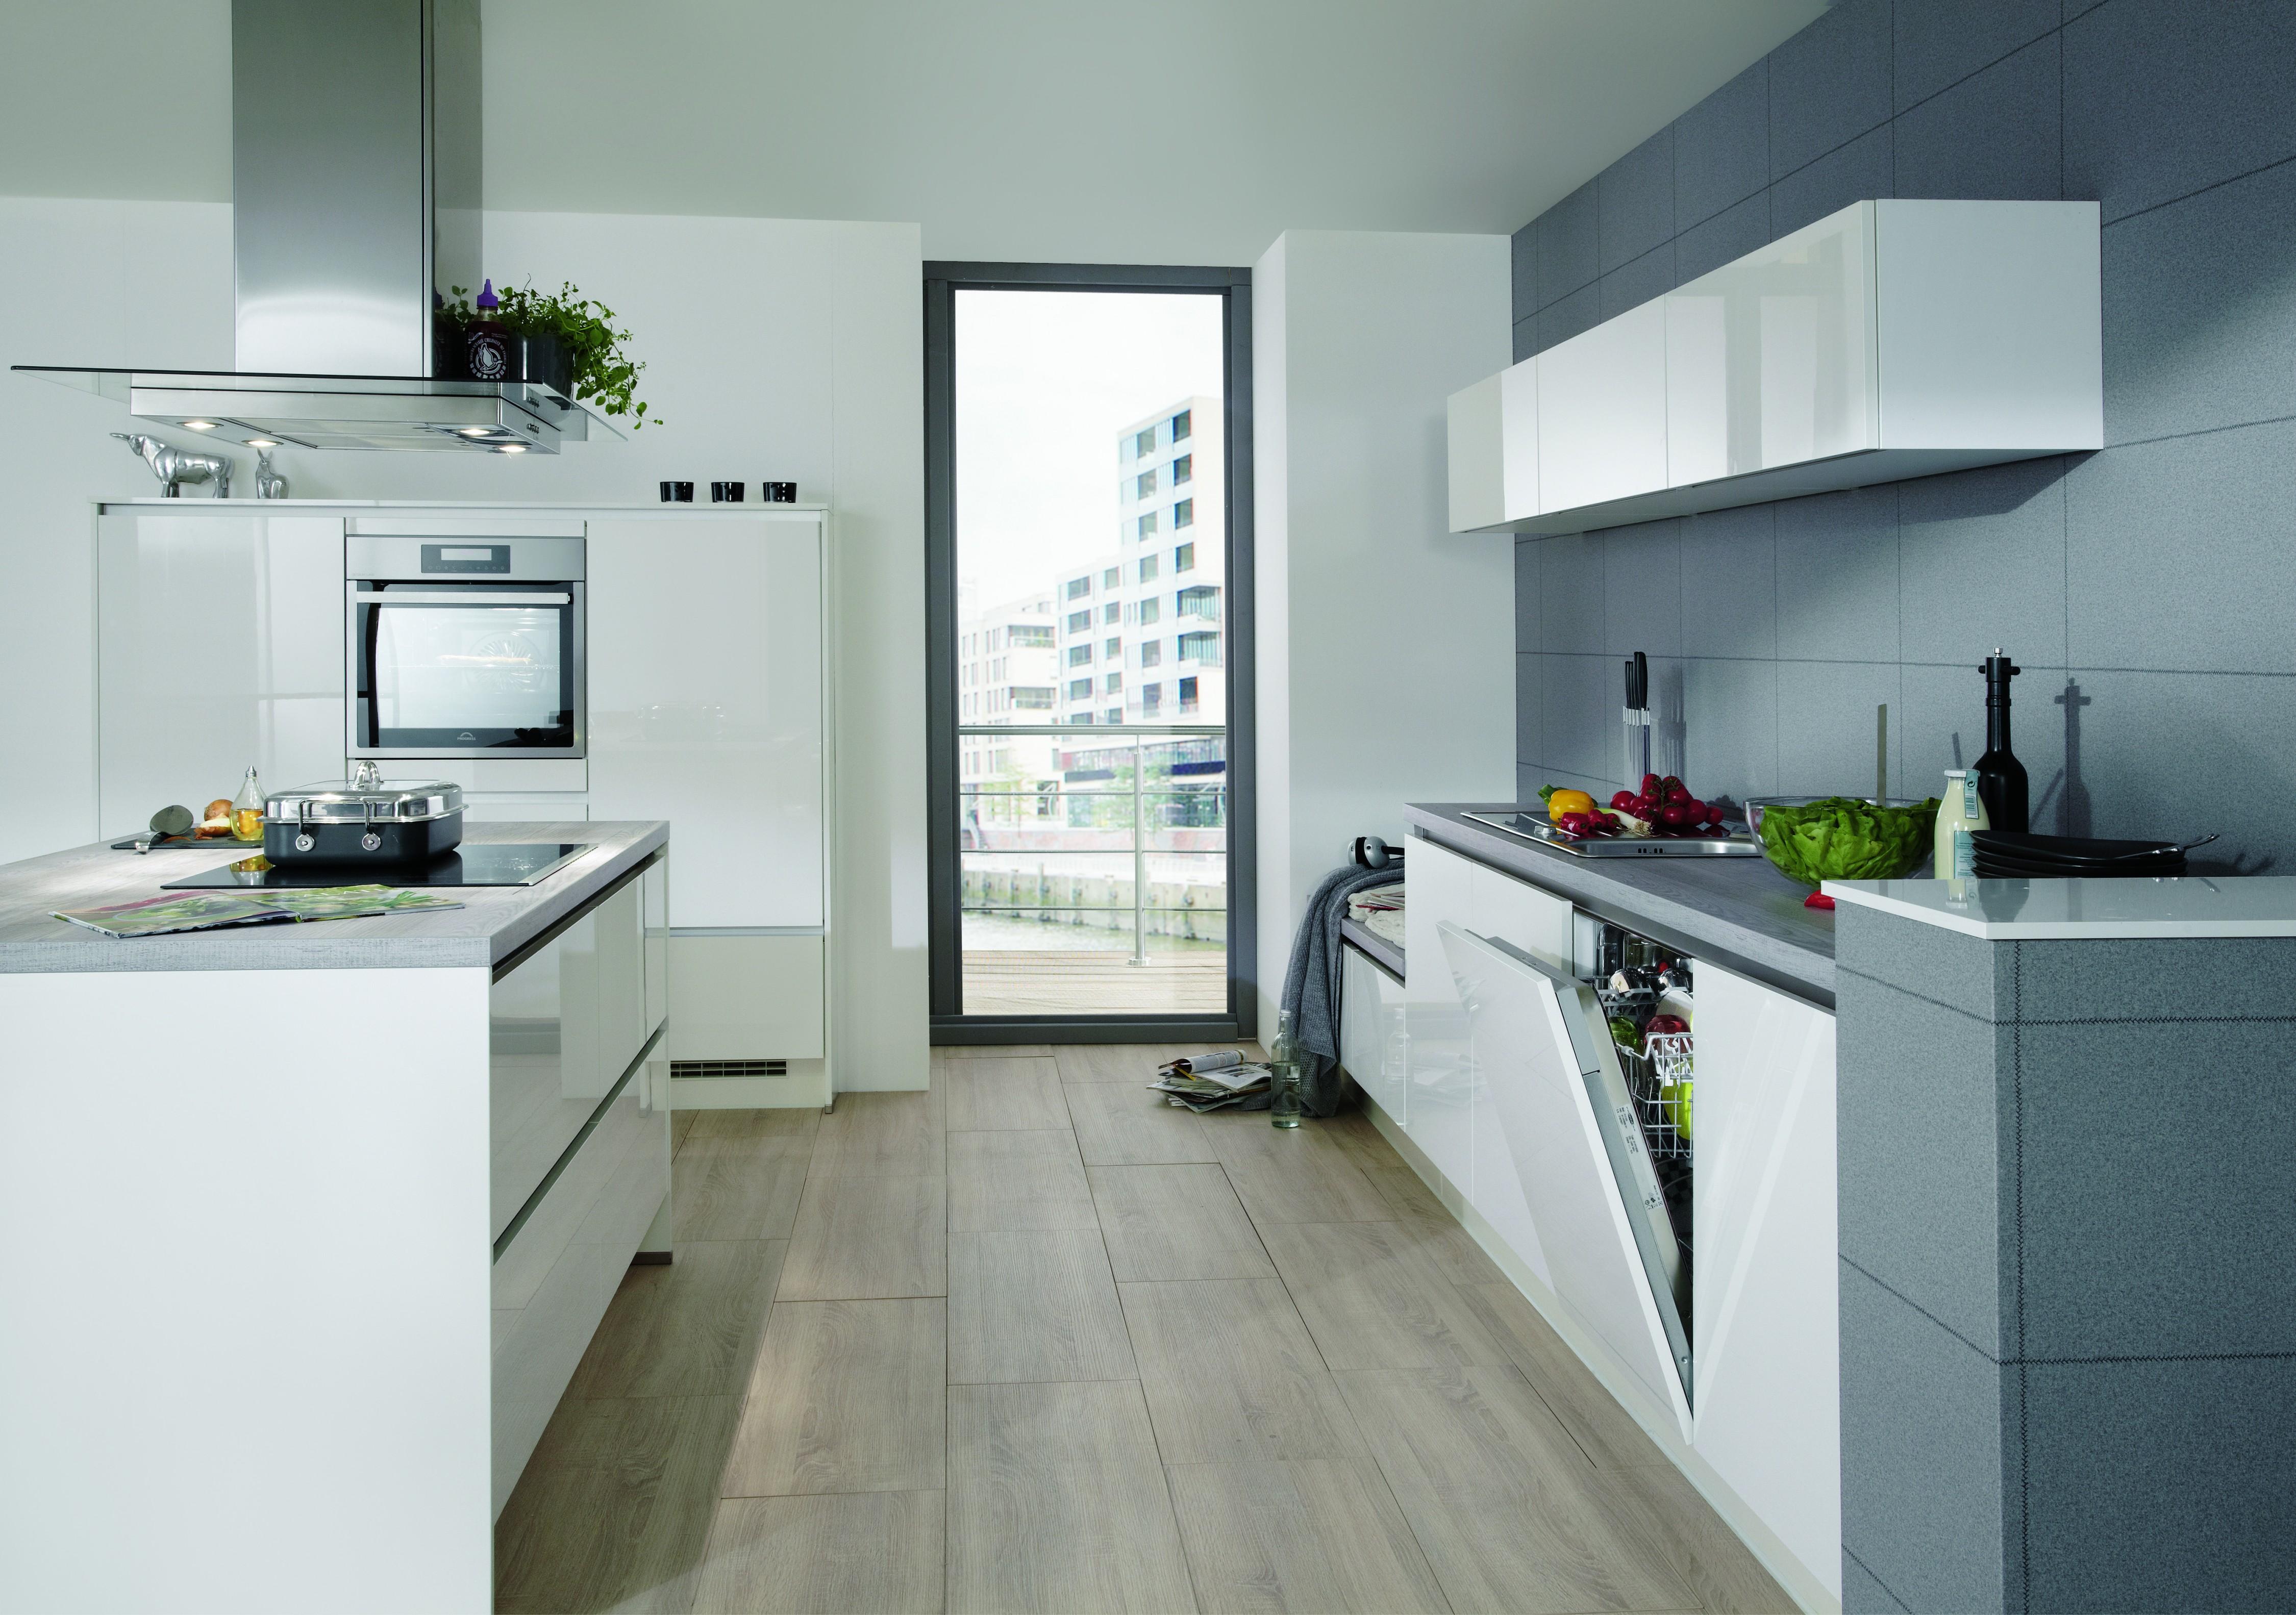 Arbeitsplatten Küche Günstig mit gut ideen für ihr haus design ideen